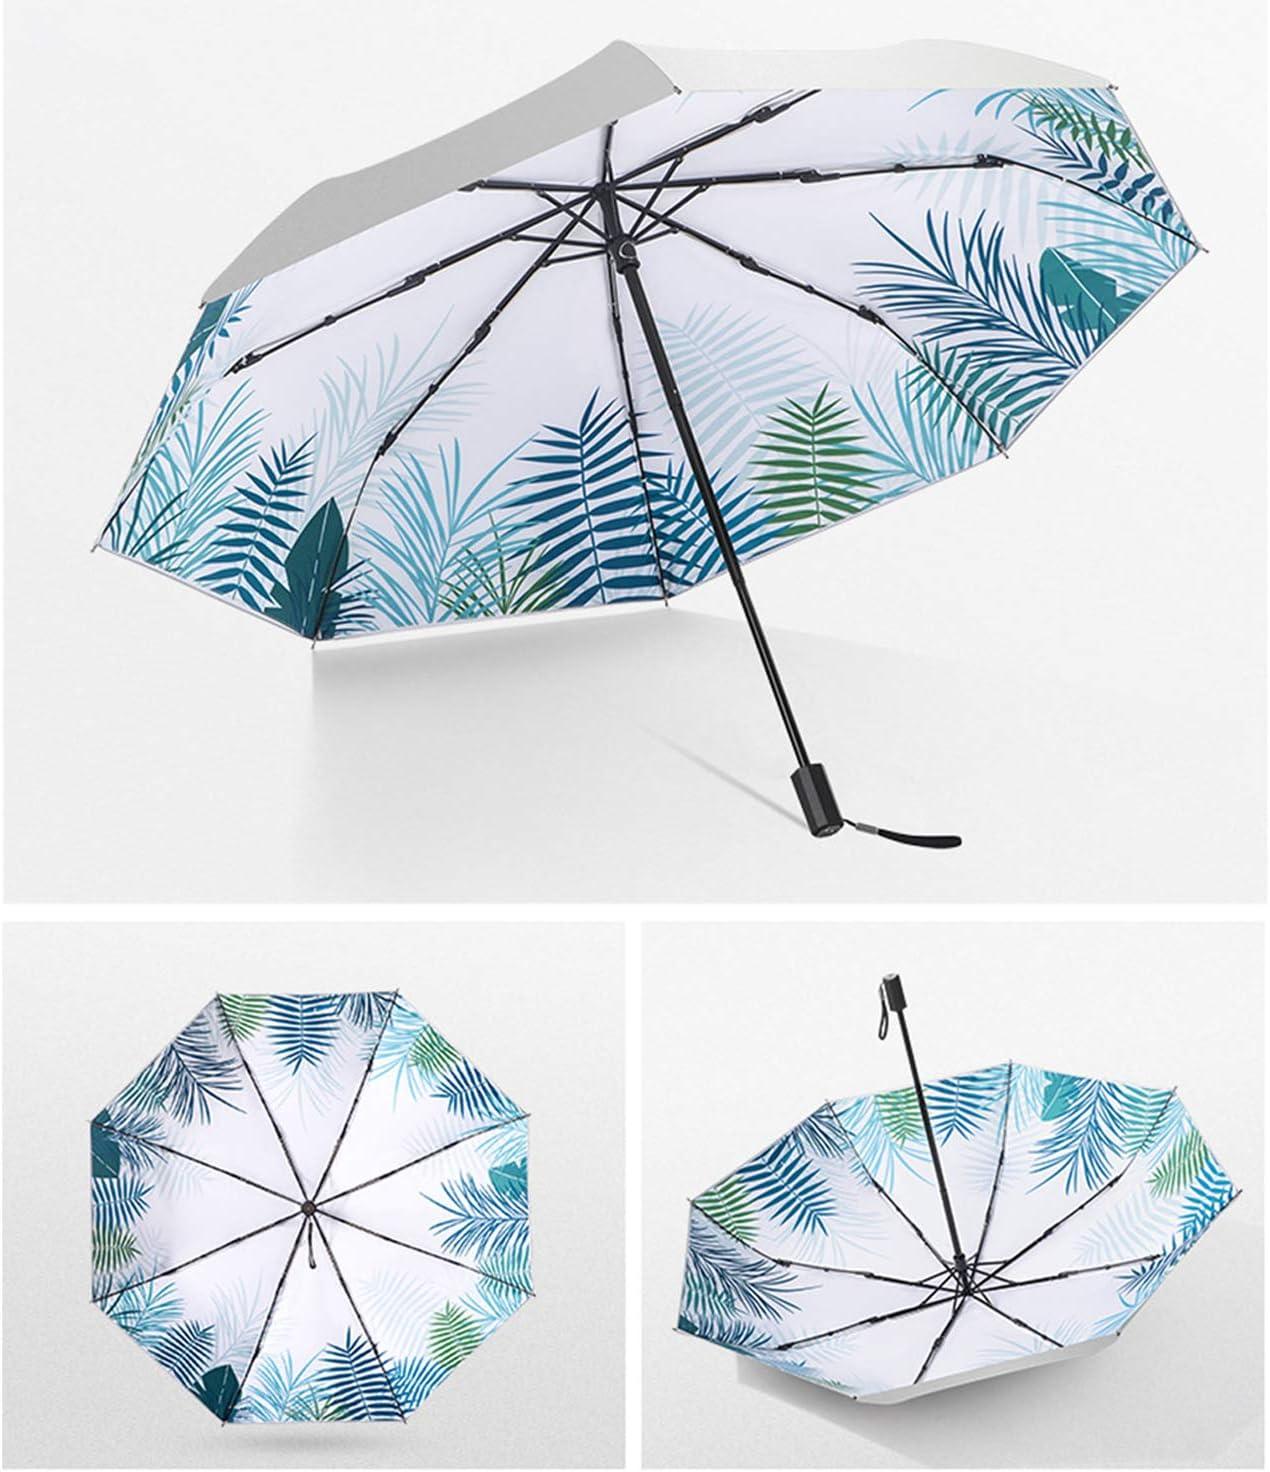 Galat/ée Parapluie Pliant UV Protection Rev/êtement Argent Titane Mini Parapluie de Poche Parapluie L/éger Compact Parapluie Coupe-Vent Parapluie pour Femme Avaler